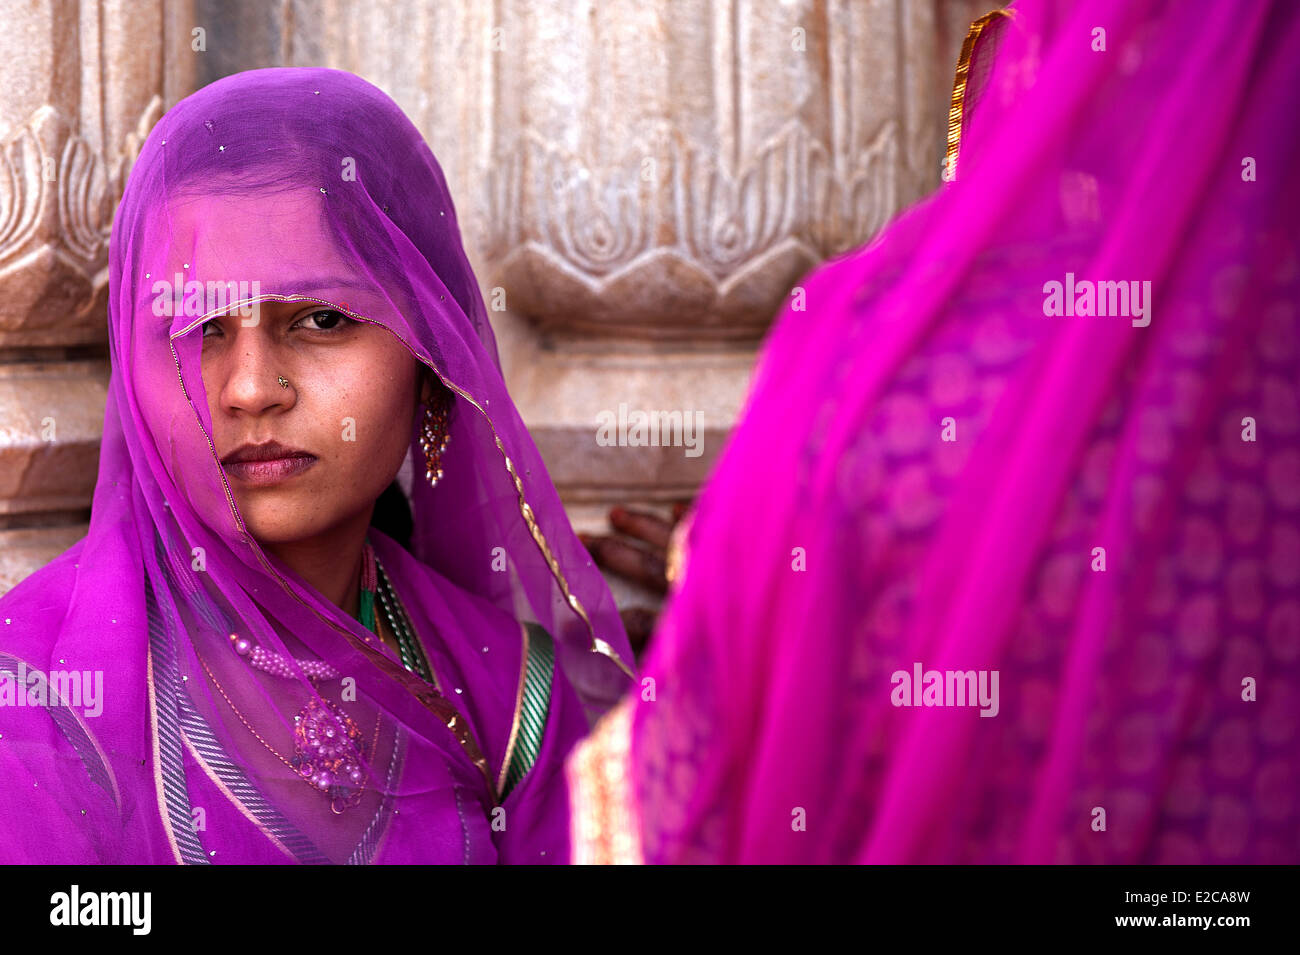 La India, el estado de Rajasthan, Udaipur, mujer de sari Imagen De Stock